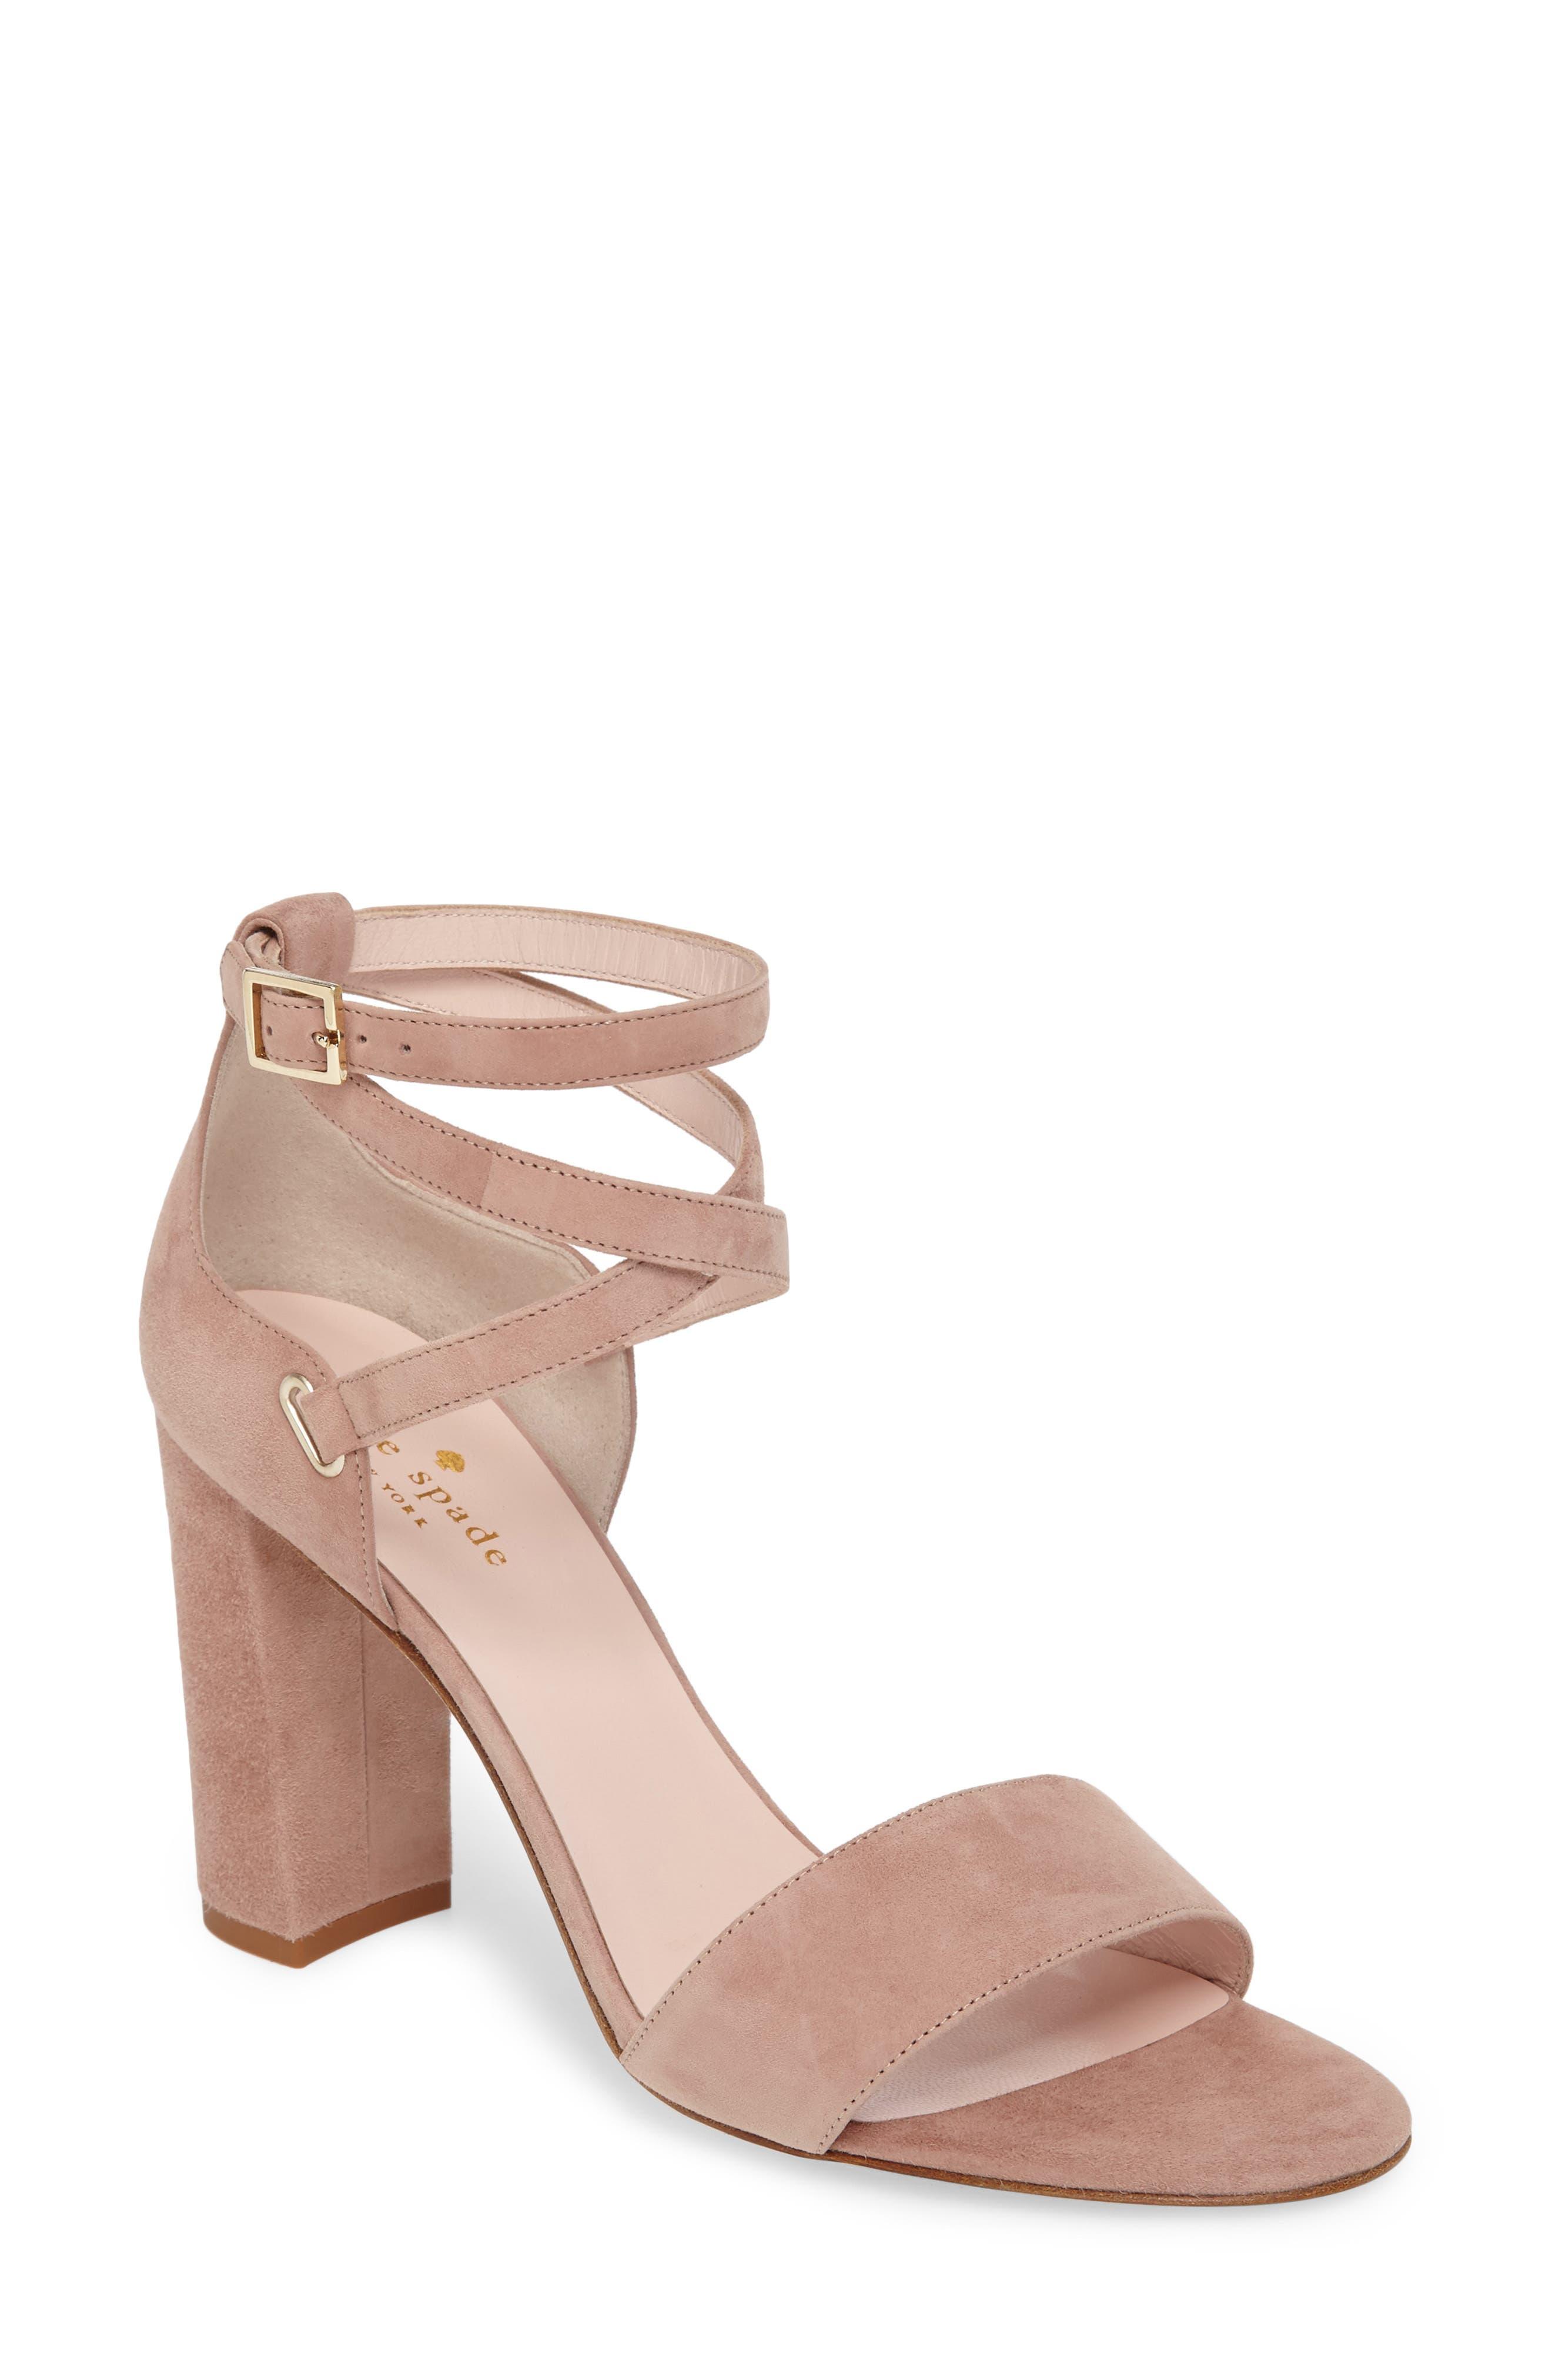 Main Image - kate spade new york isolde sandal (Women)